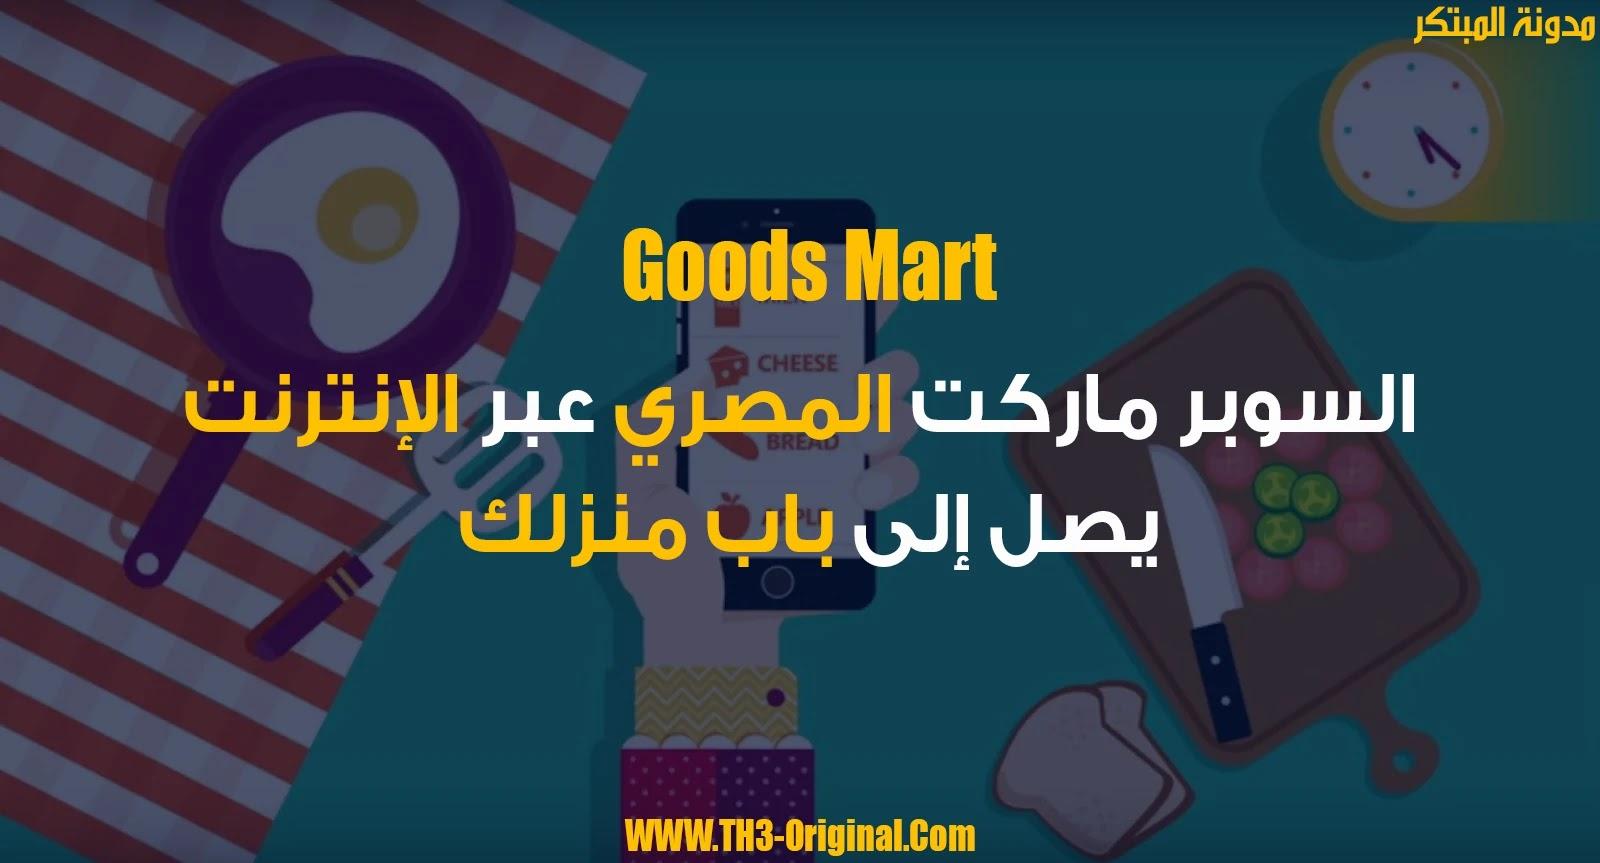 GoodsMart,سوبرماركت,عروض سوبر ماركت,عيوب السوبر ماركت